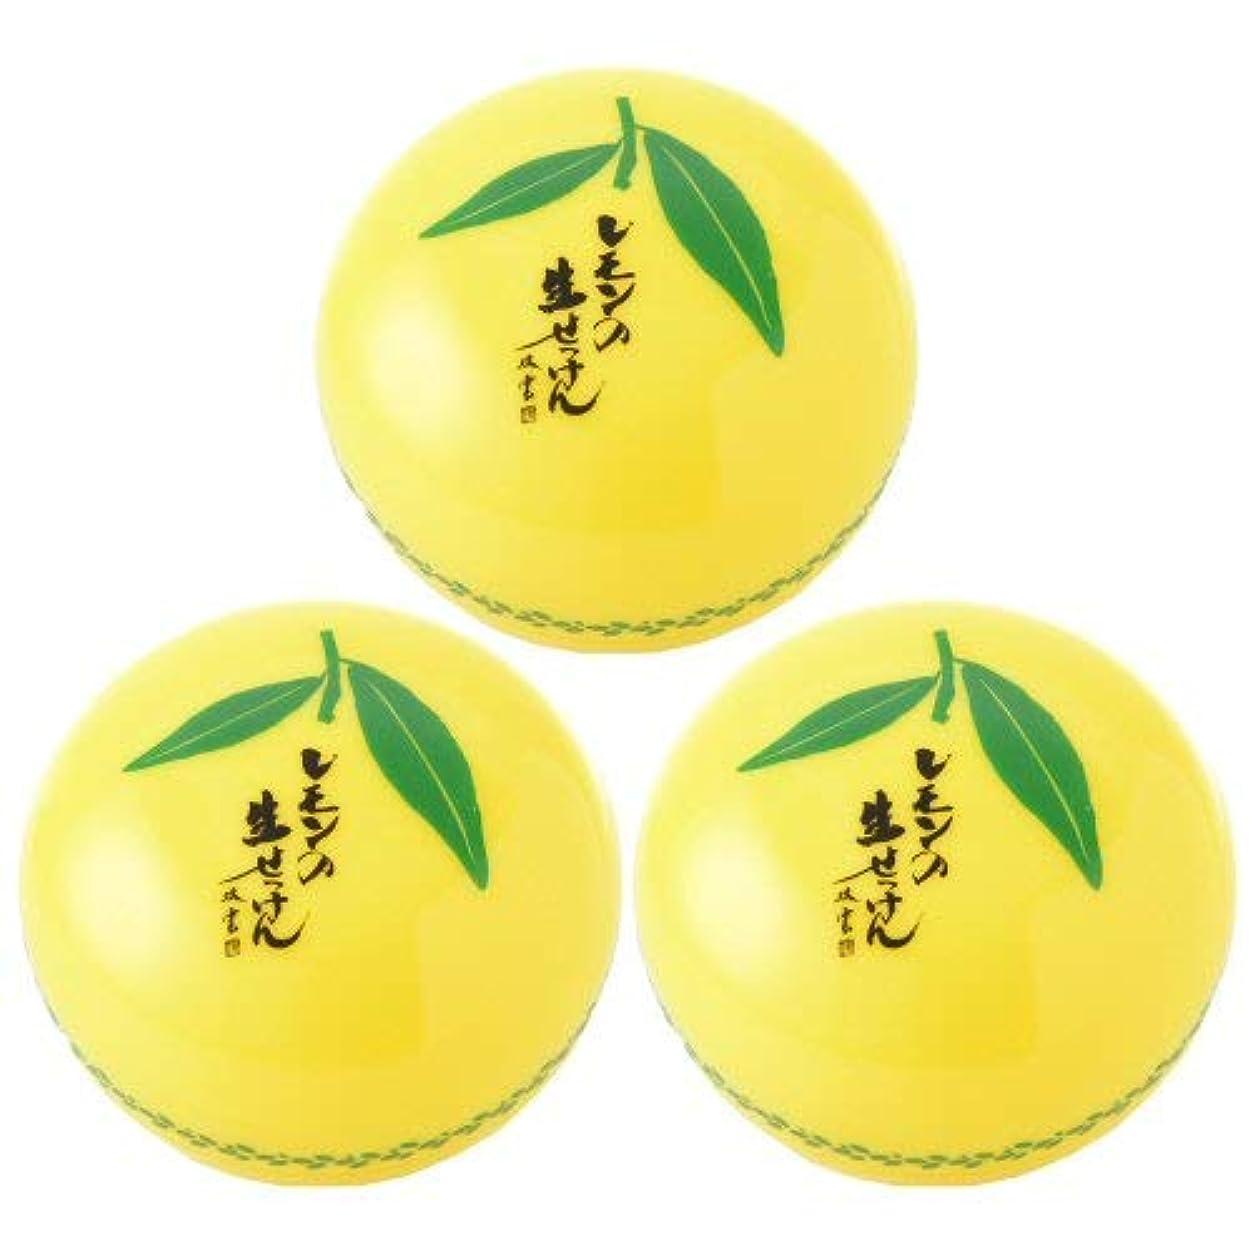 まっすぐ糞層UYEKI美香柑レモンの生せっけん120g×3個セット